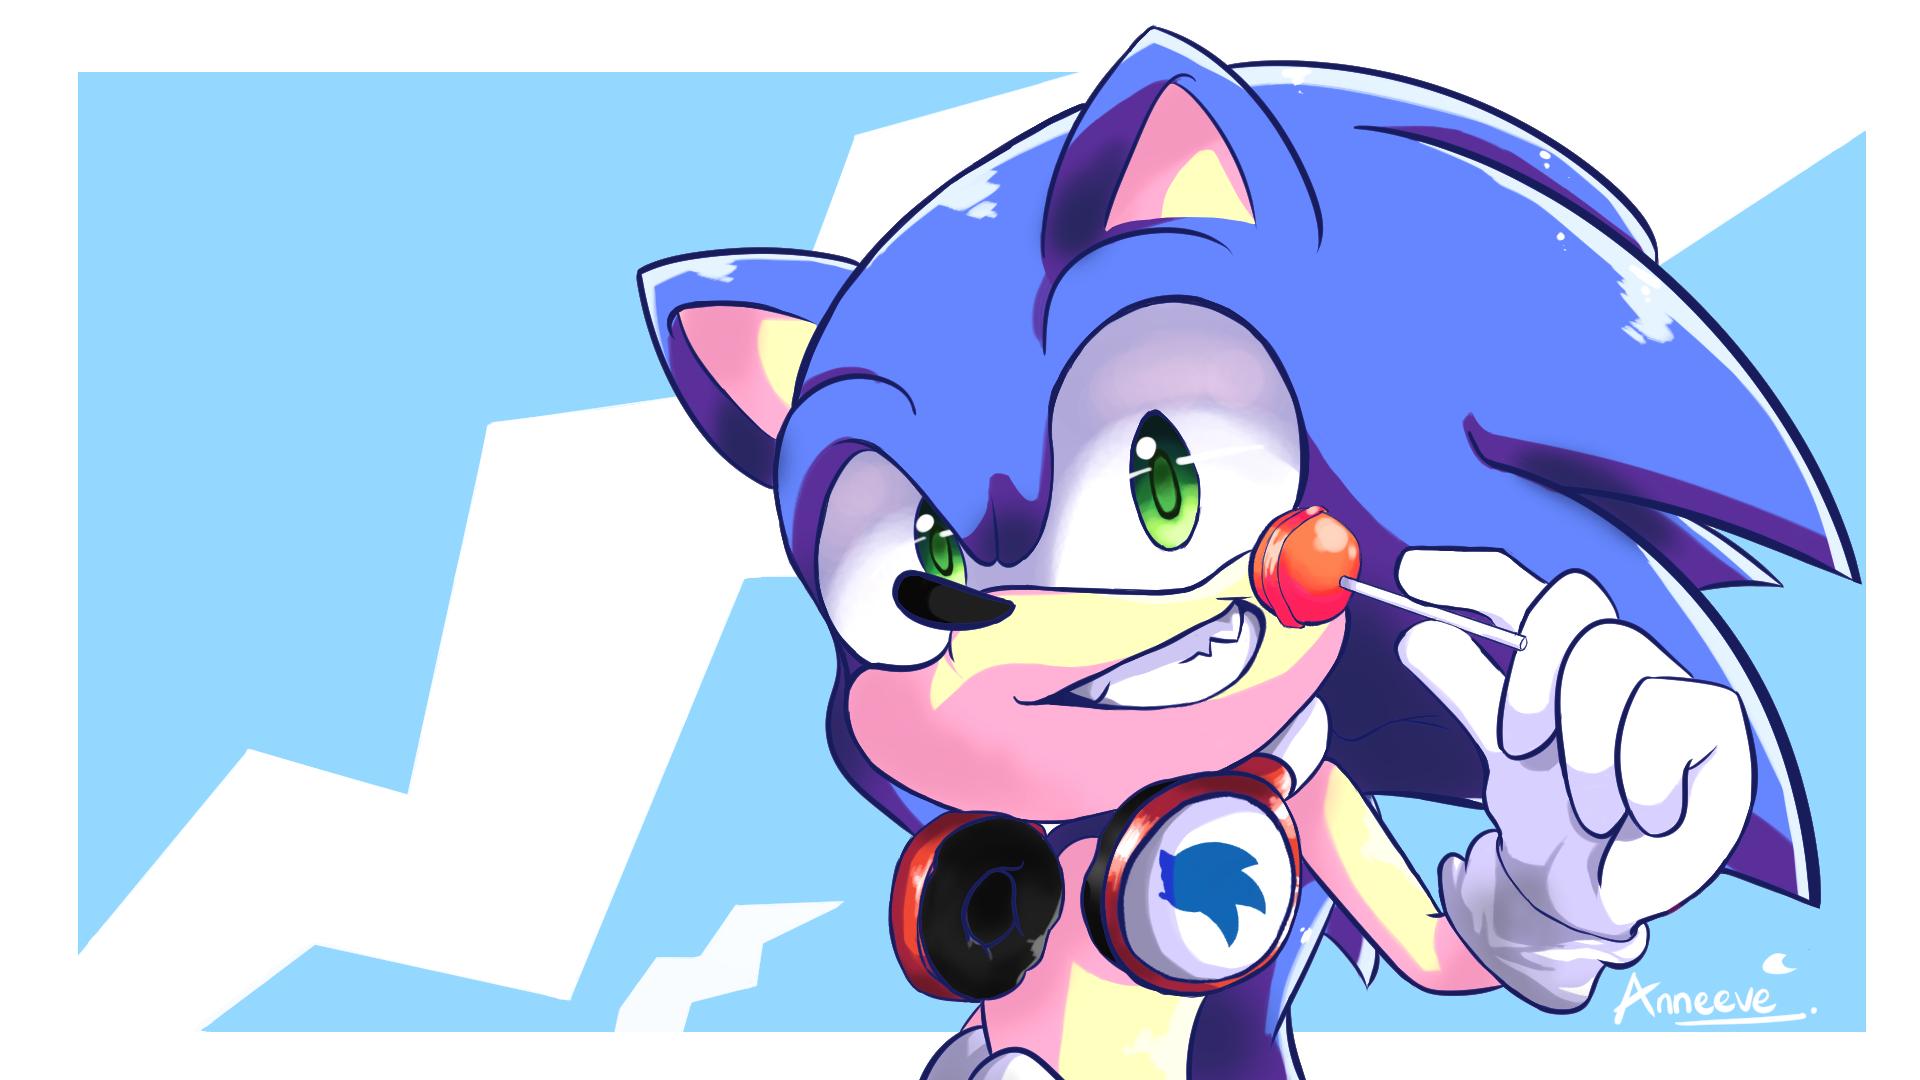 Sonic The Hedgehog Character Image 2463346 Zerochan Anime Image Board